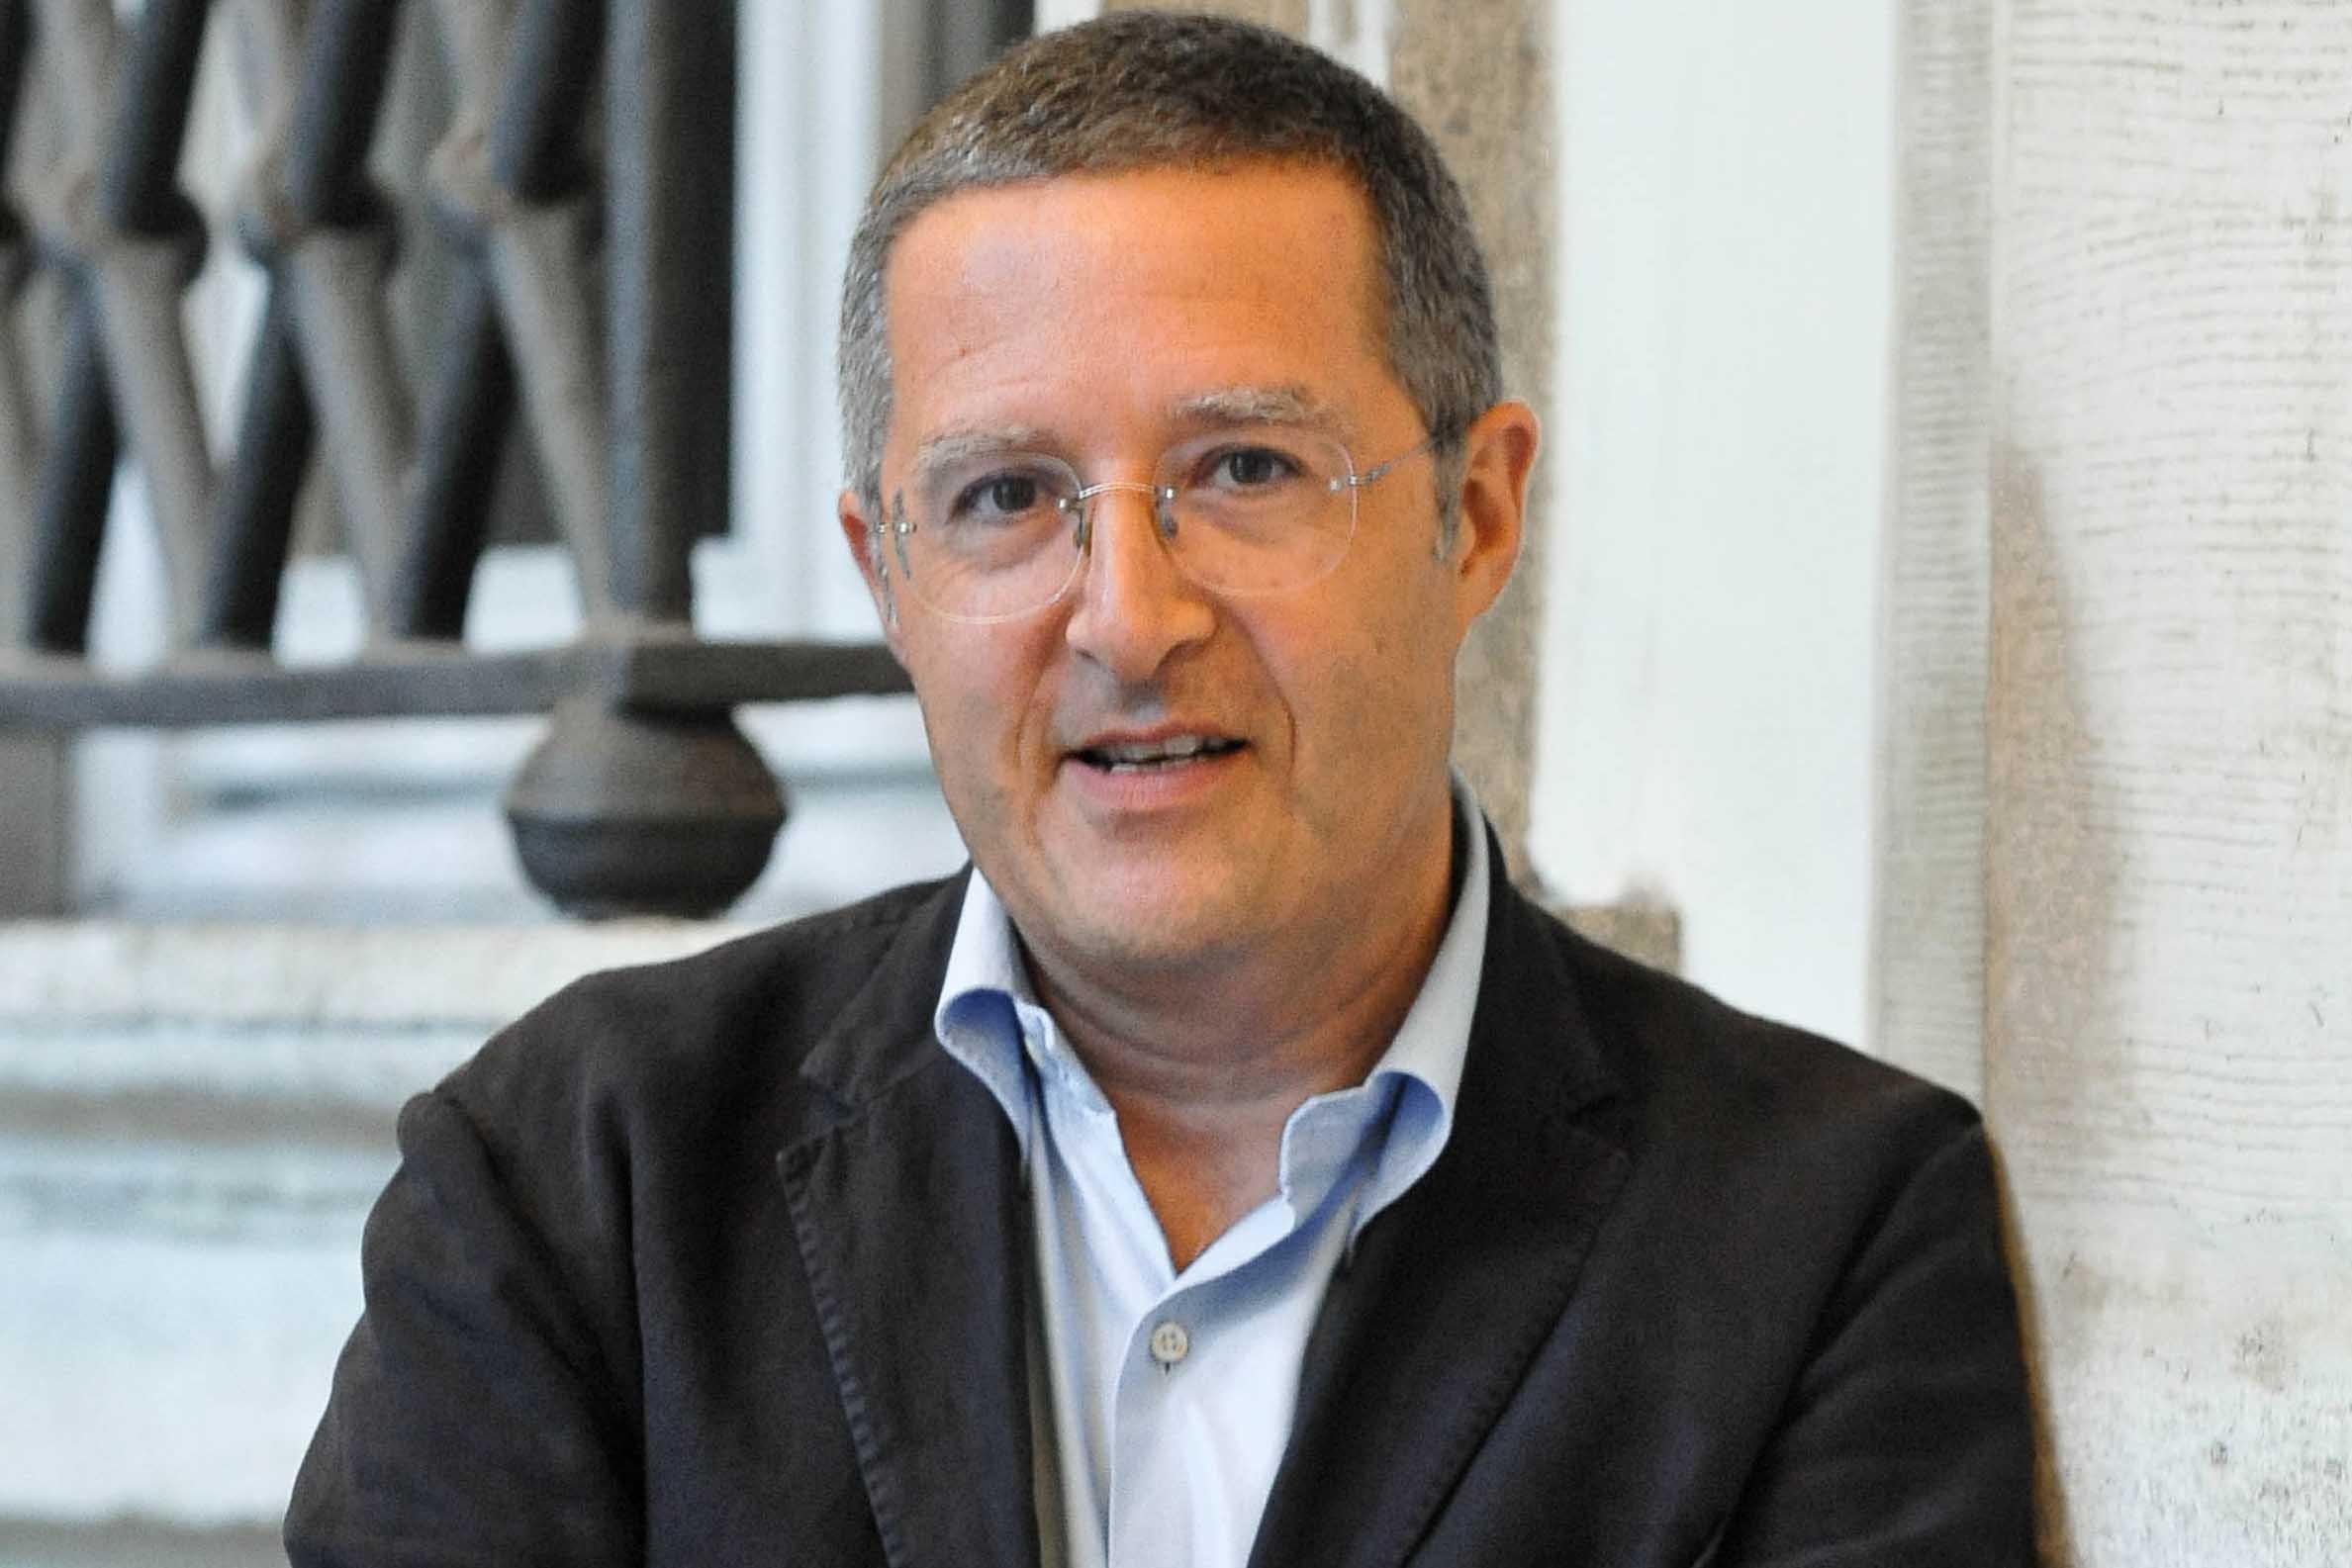 Il voto della Catalogna non risveglierà tentazioni separatiste in Europa. Parla Campi